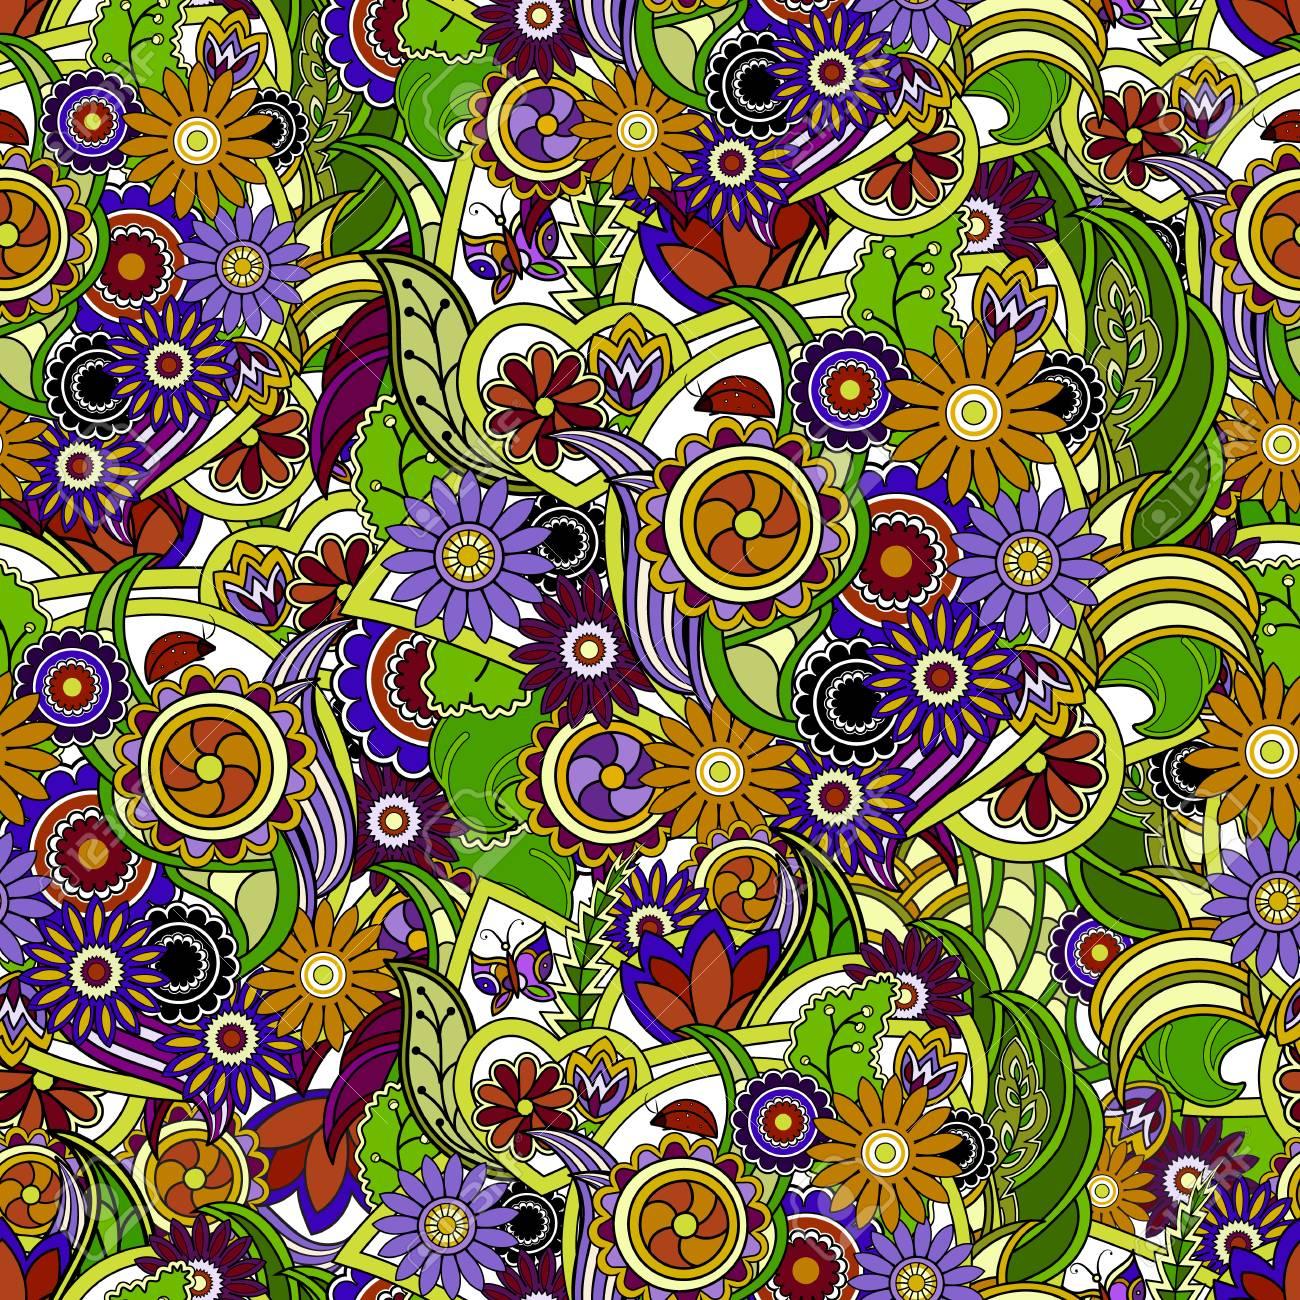 floral bunten hintergrund. nahtlose textur mit blumen und grün